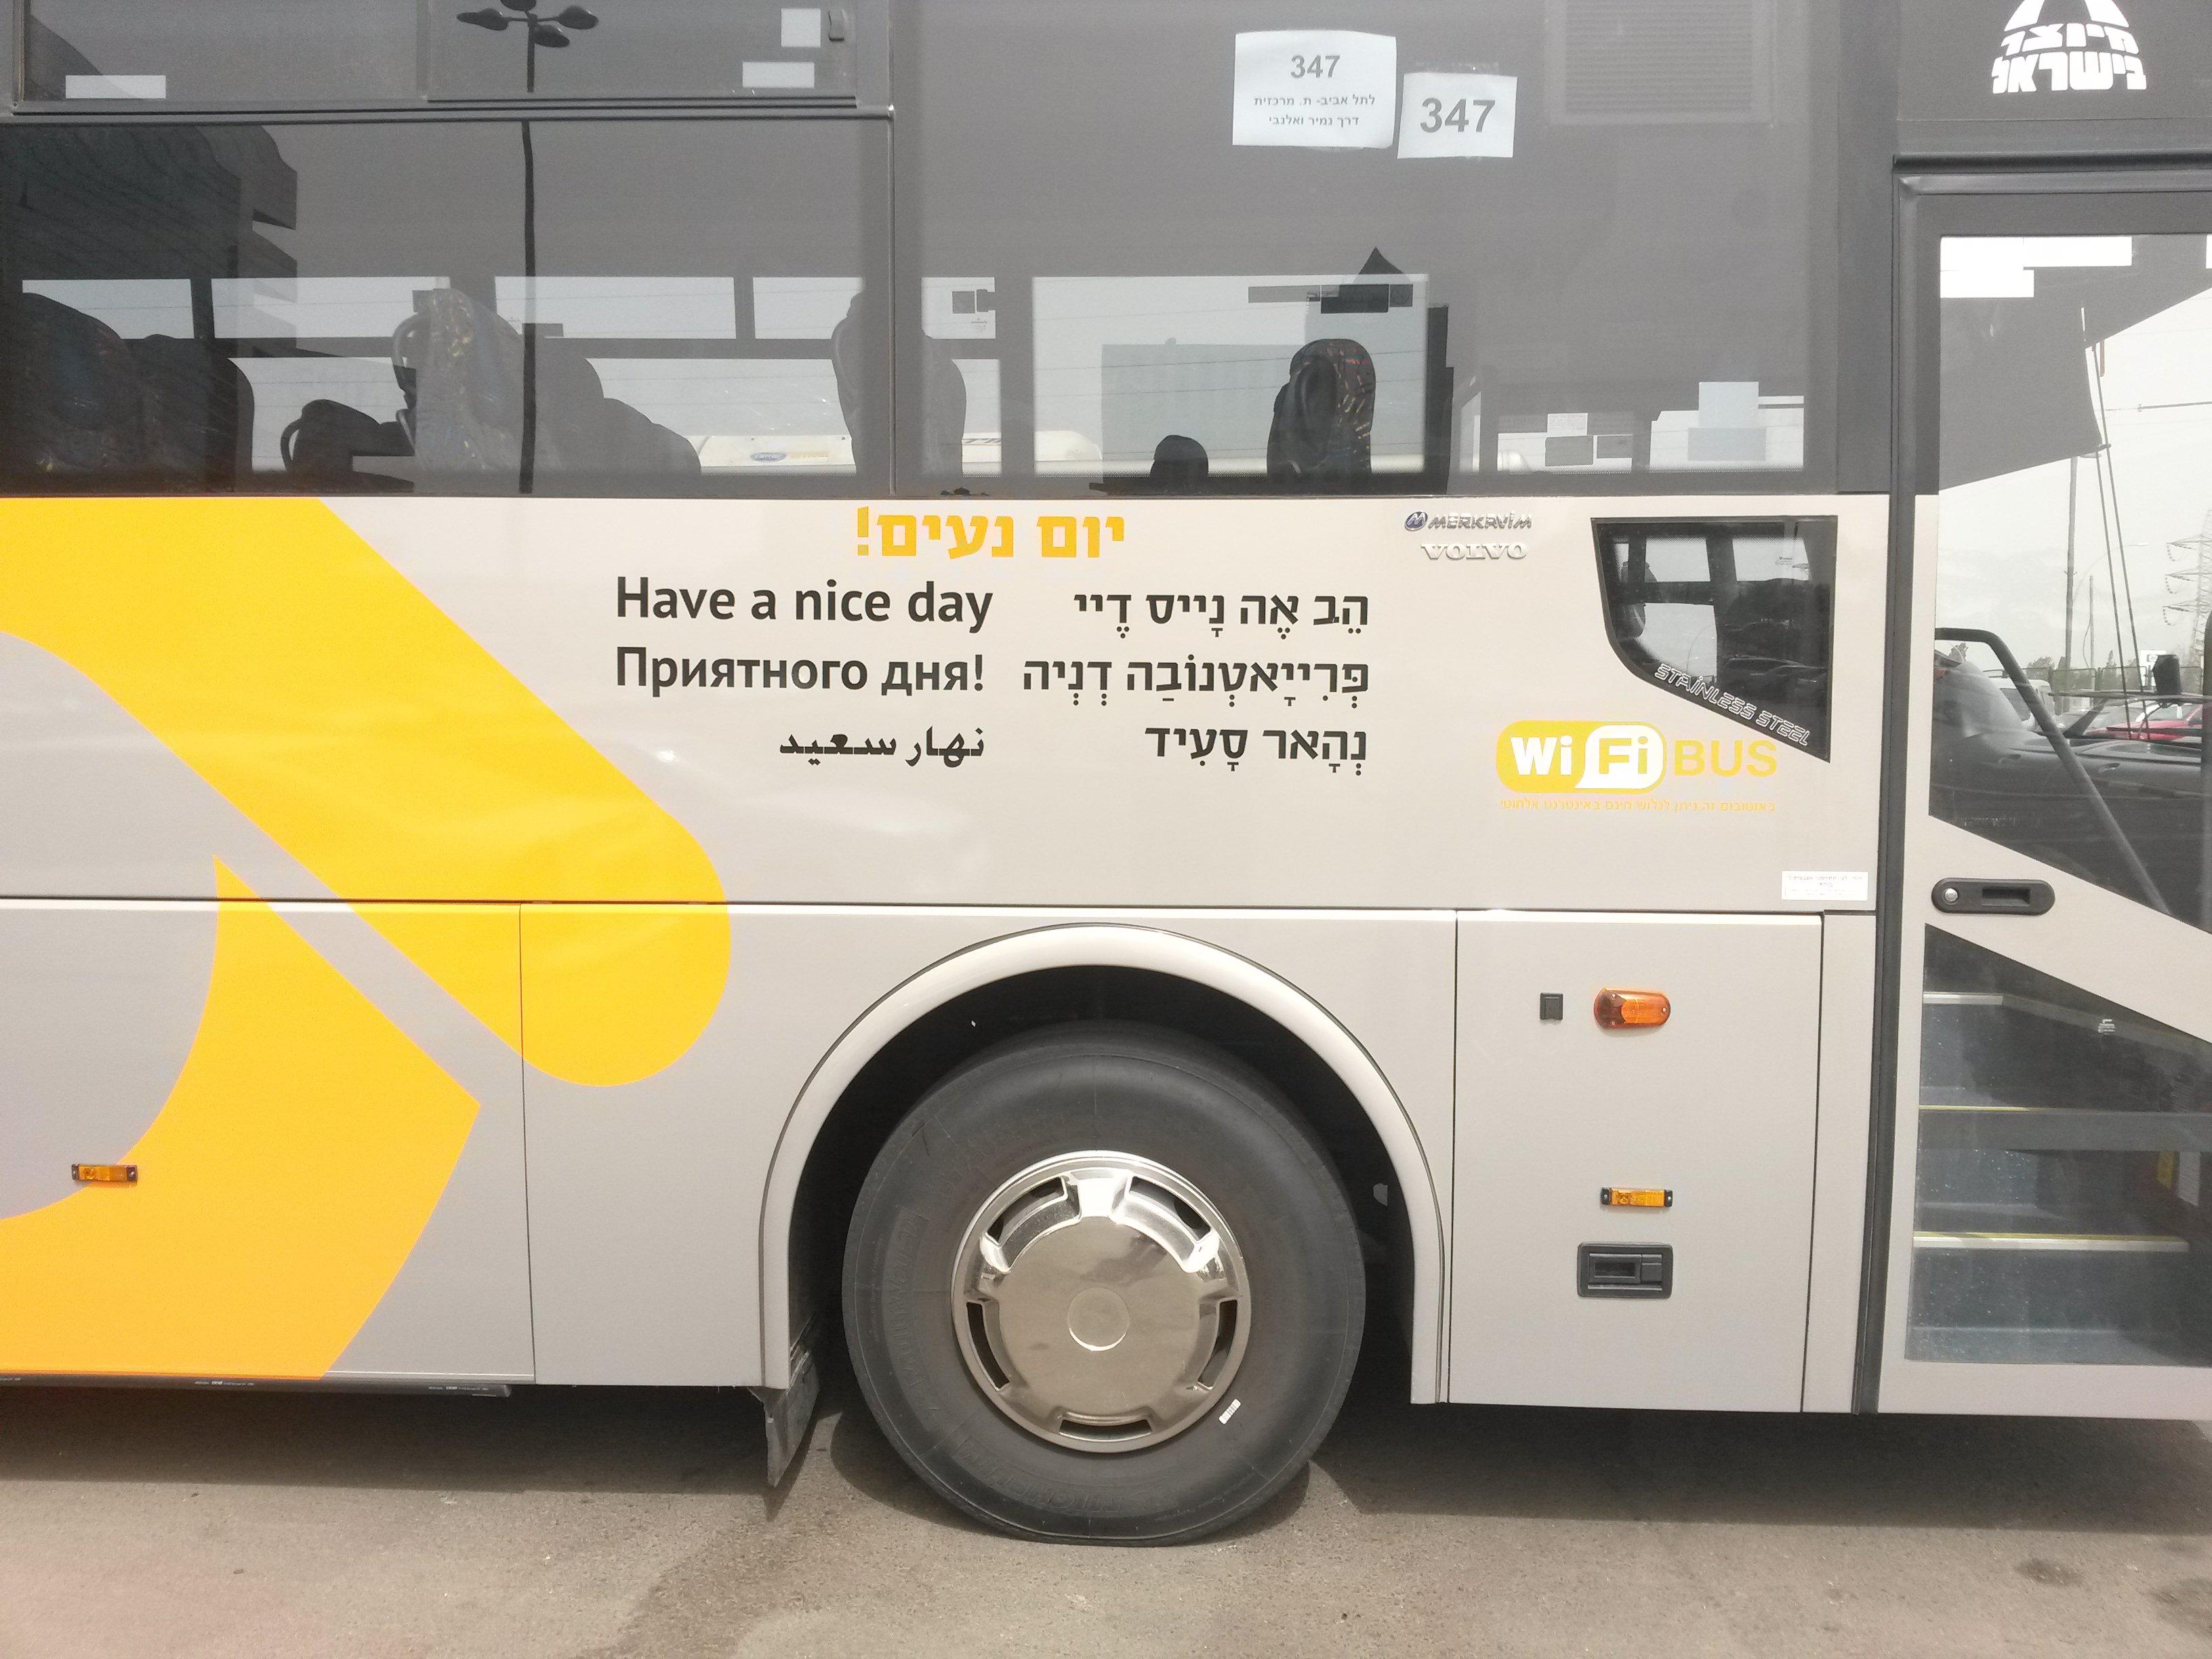 עשרות אוטובוסים של חברת מטרופולין יעוטרו בברכות ואיחולים אישיים לנוסעים